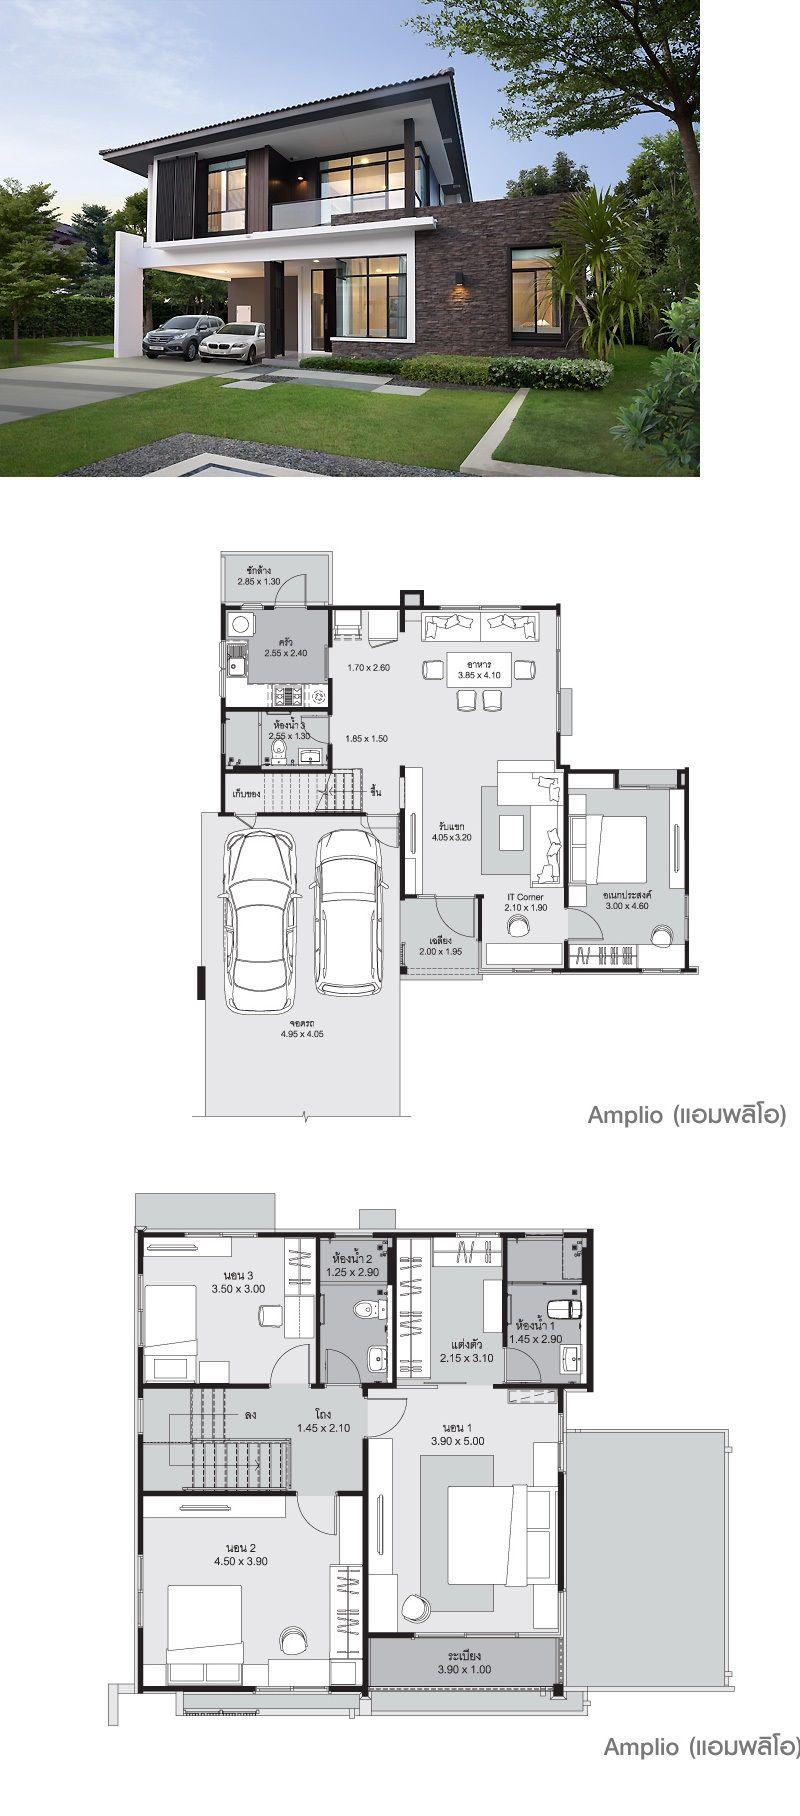 Pinterest claudiagabg casa 2 pisos 4 cuartos 1 estudio for Casa moderna parquet